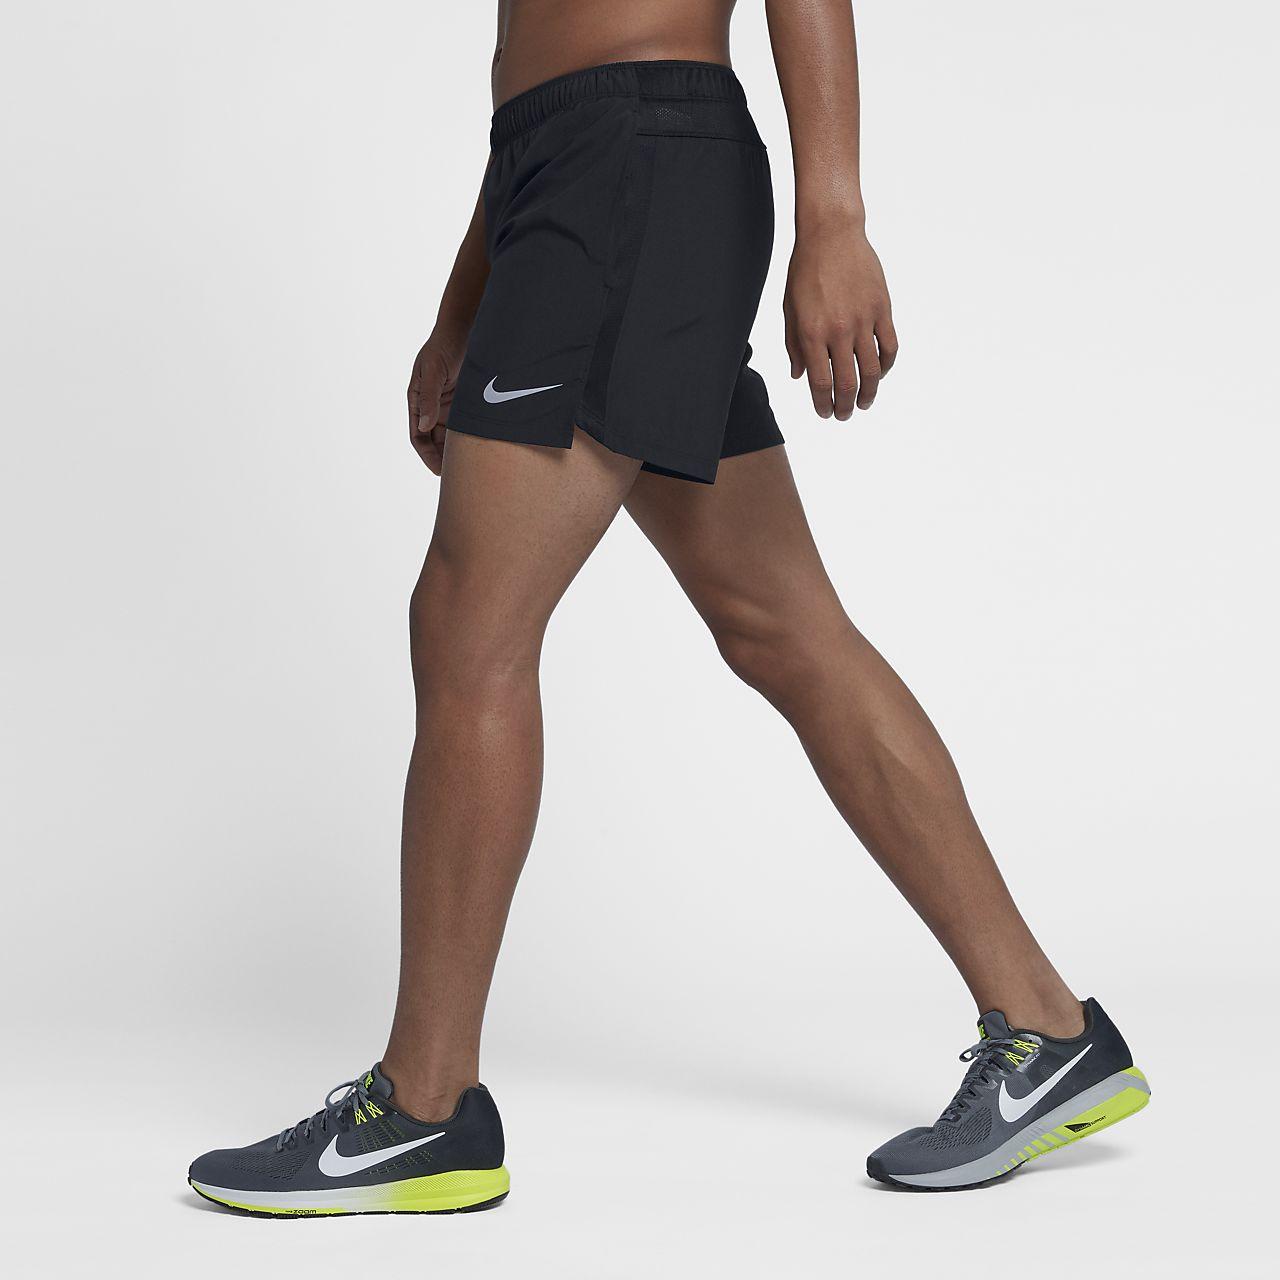 Nike Challenger 12,5 cm Astarlı Erkek Koşu Şortu